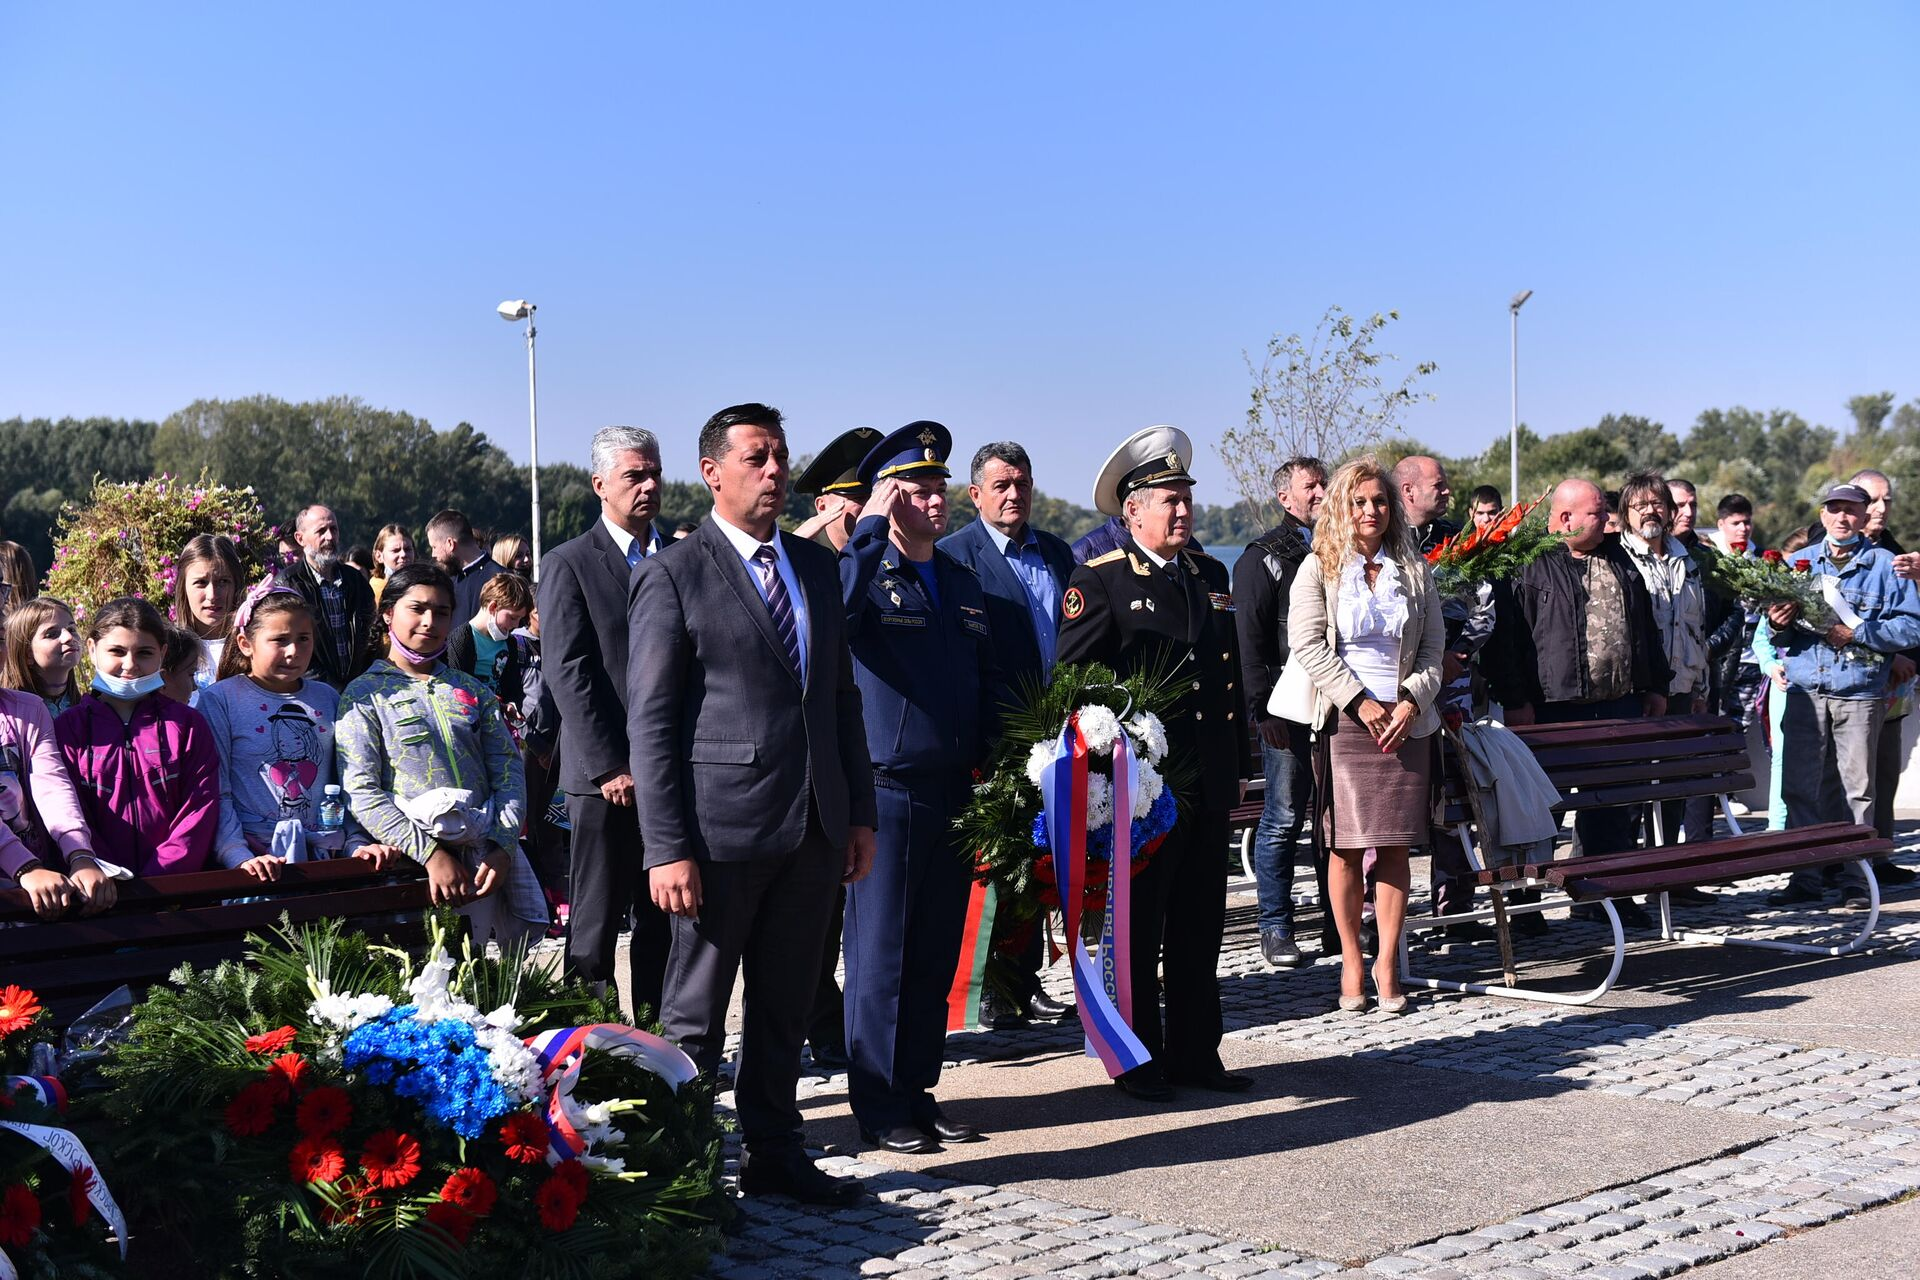 Obnovljen spomenik Crvenoarmejcima u Novom Bečeju - Sputnik Srbija, 1920, 04.10.2021